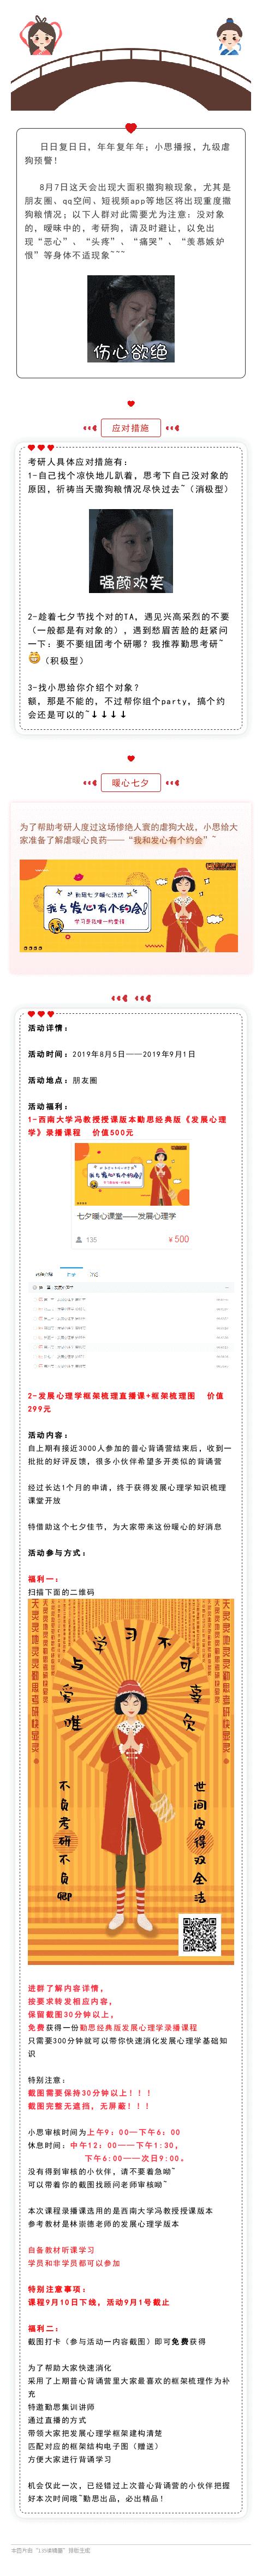 七夕上传官网.png